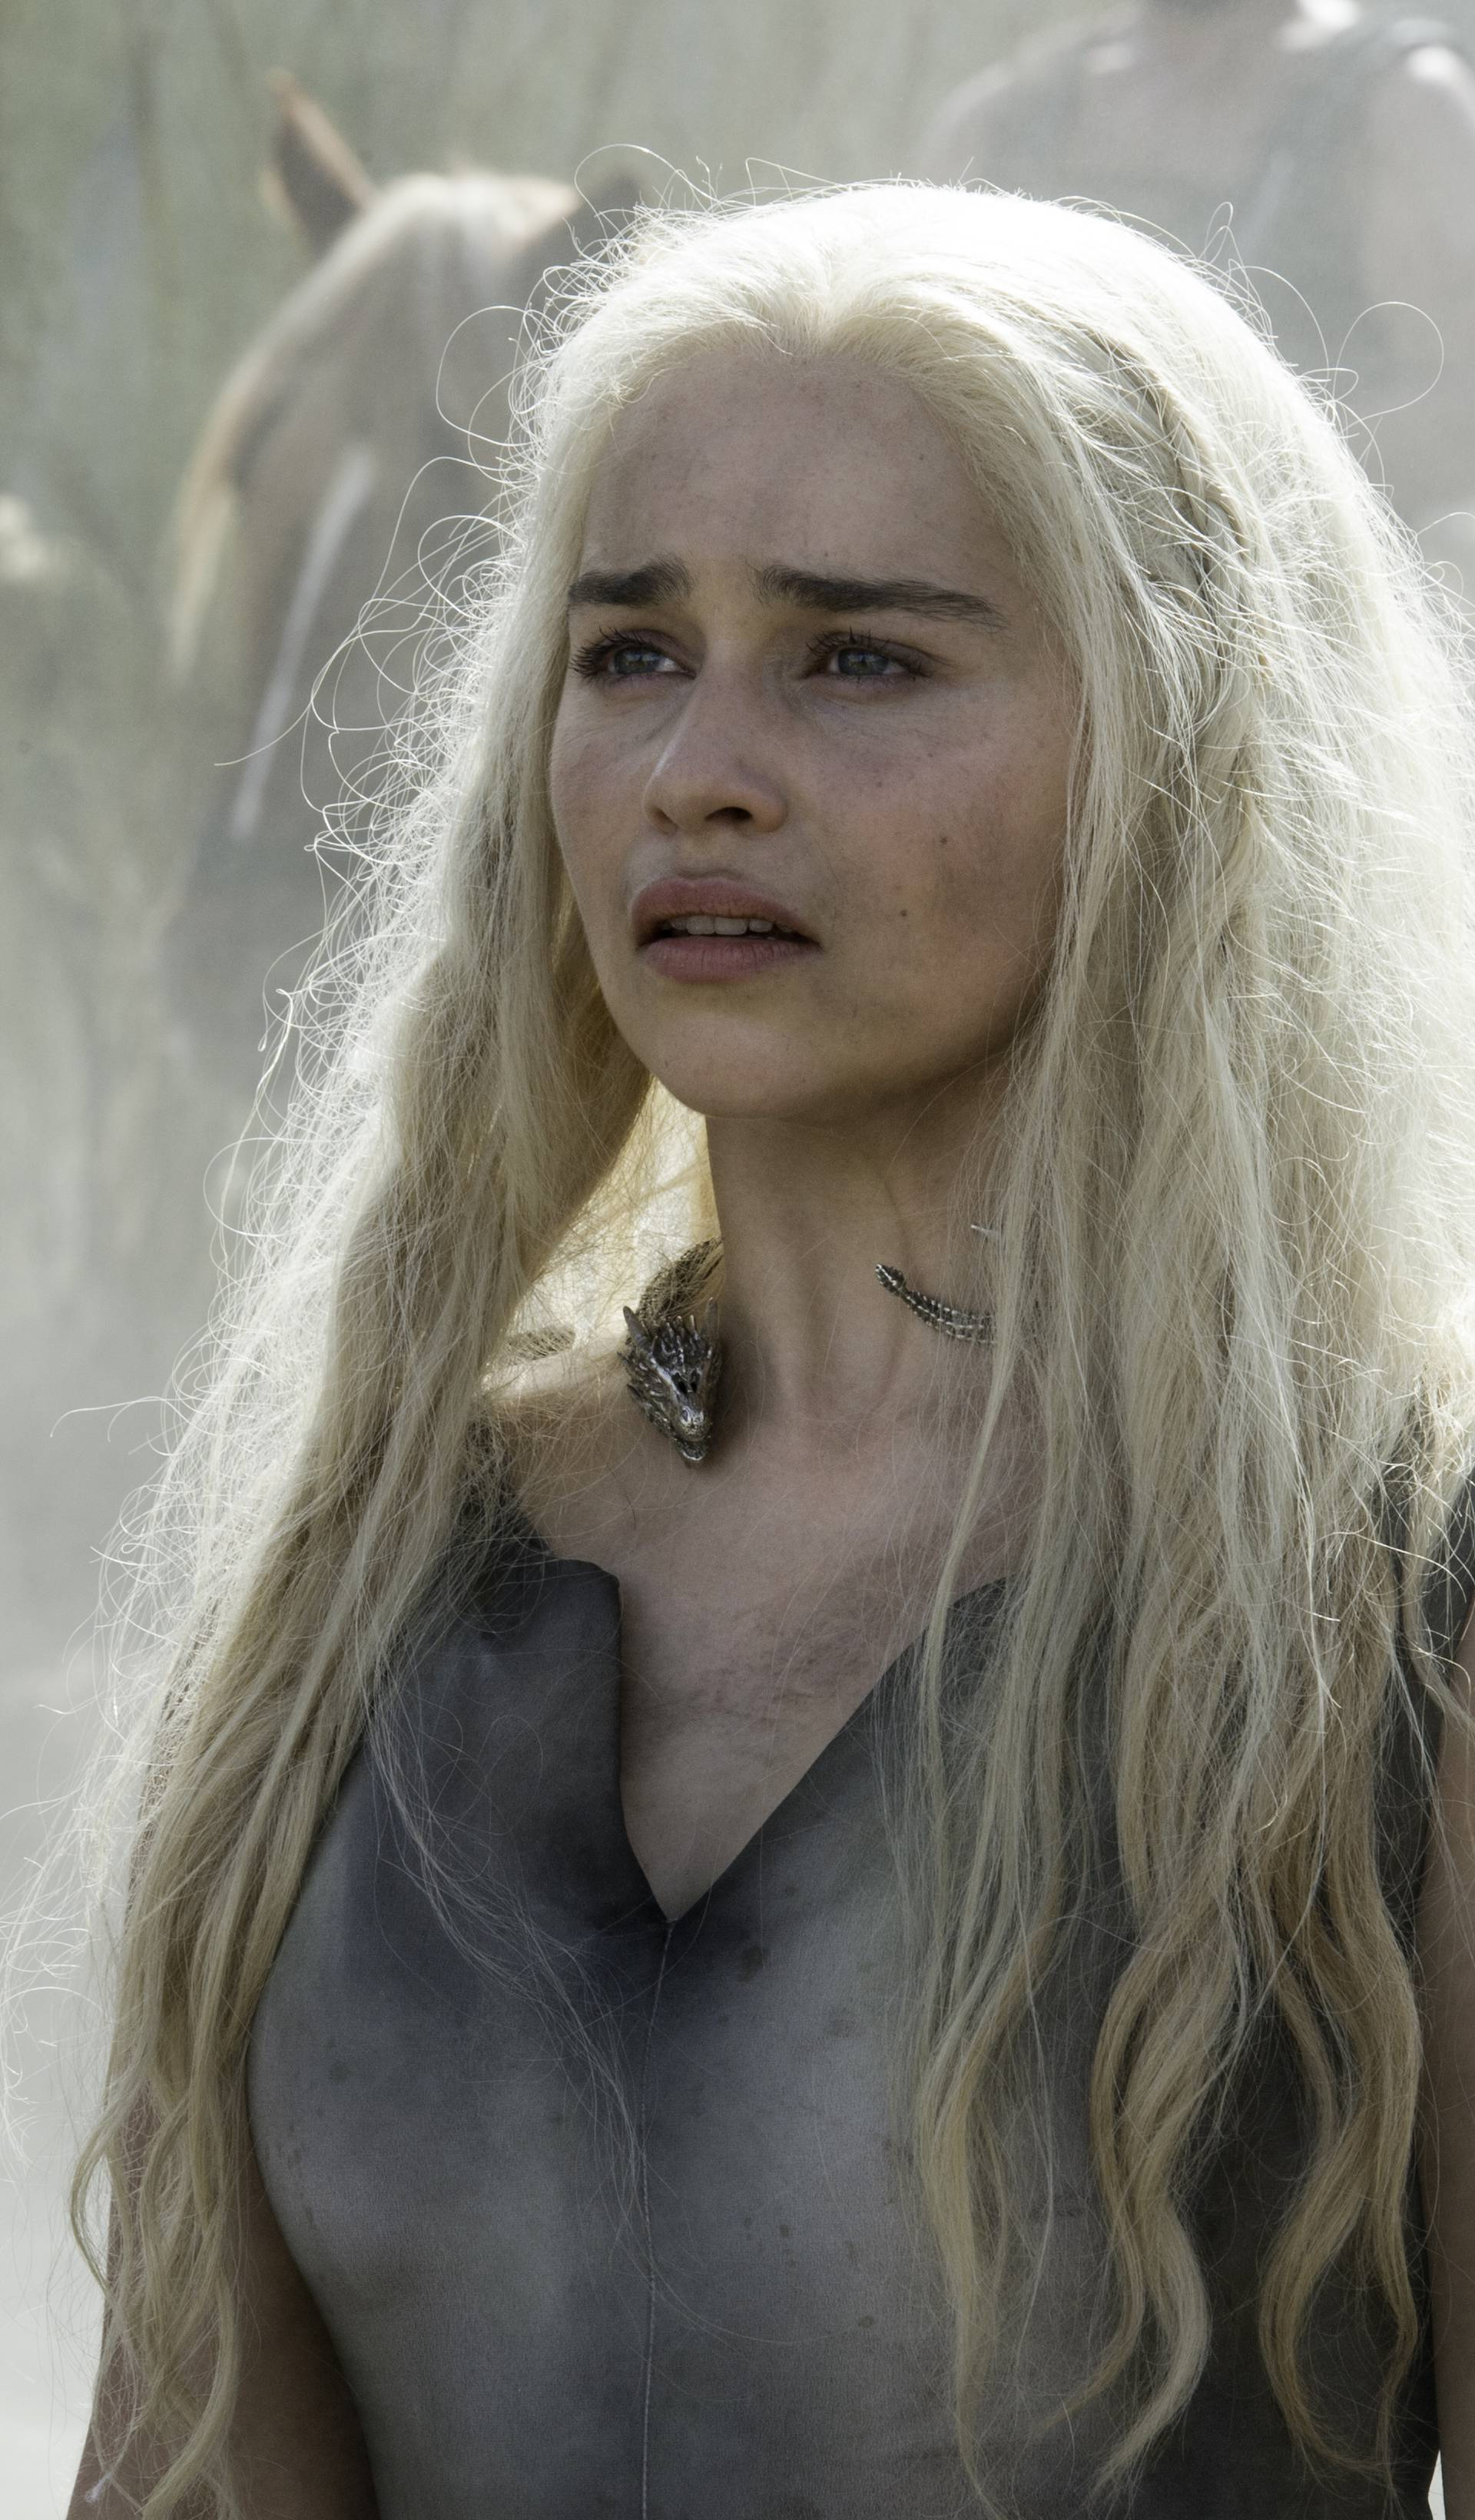 Khaleesi je bježala od pijanih obožavatelja 'Igre prijestolja'